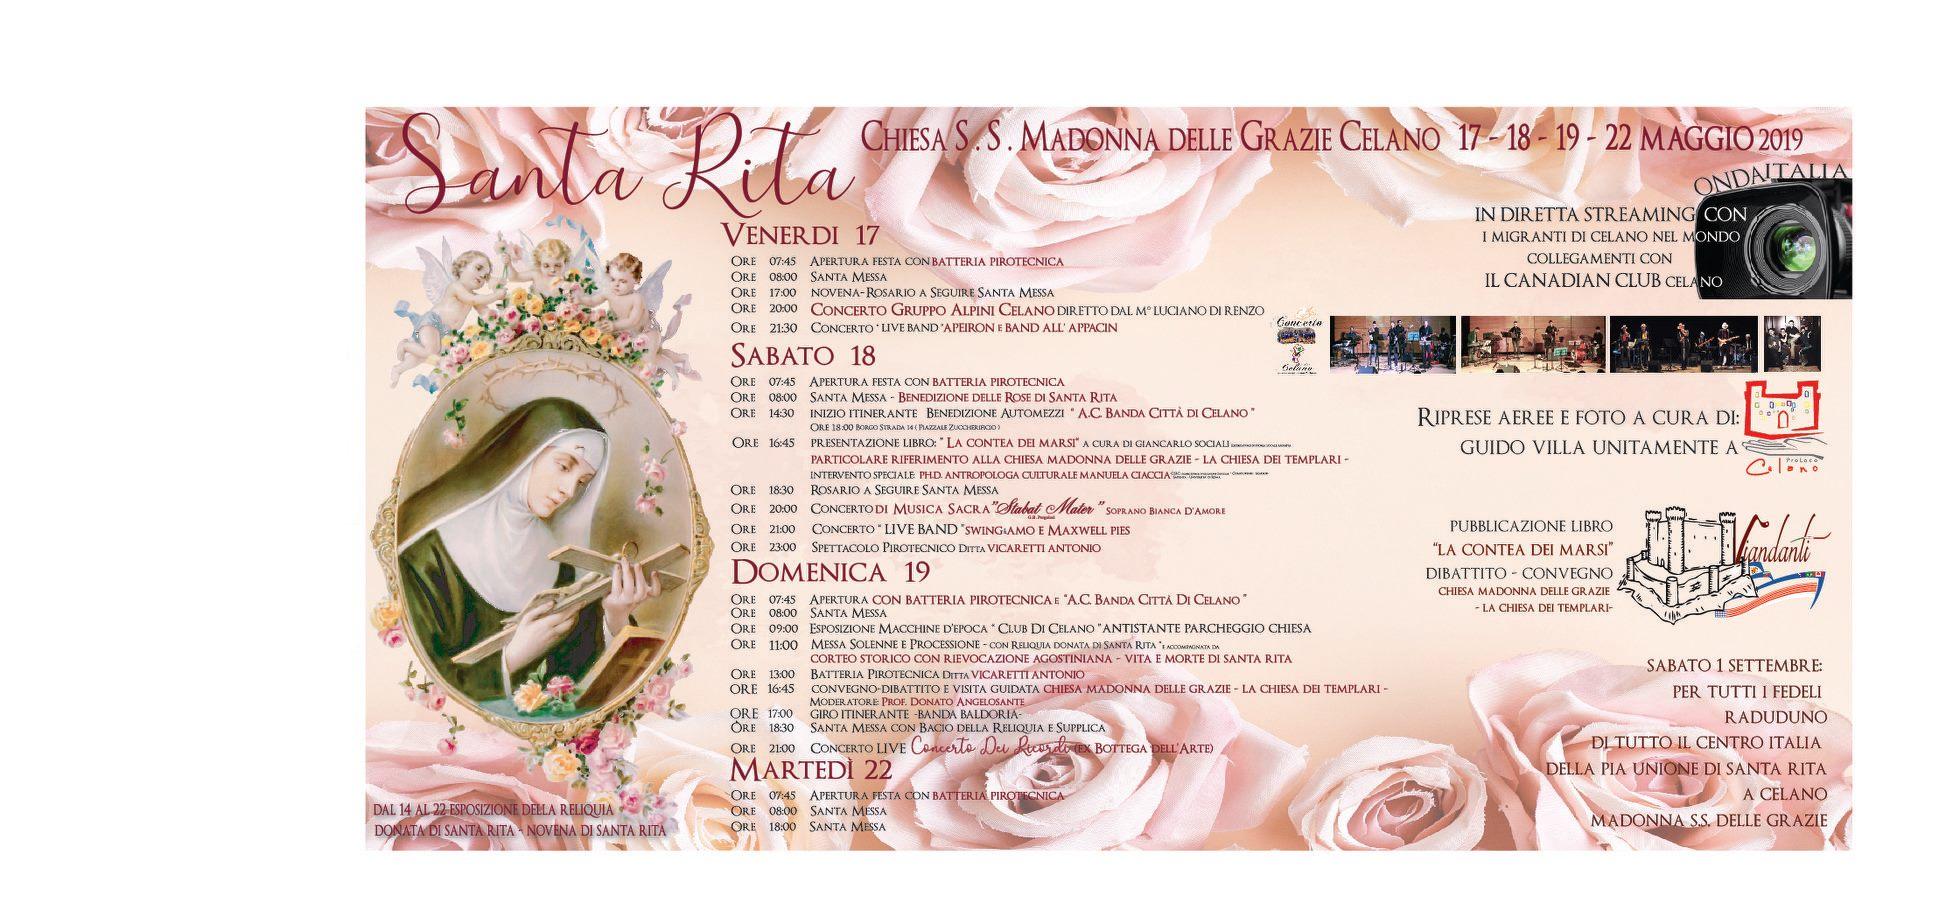 Festa in onore di Santa Rita a Celano